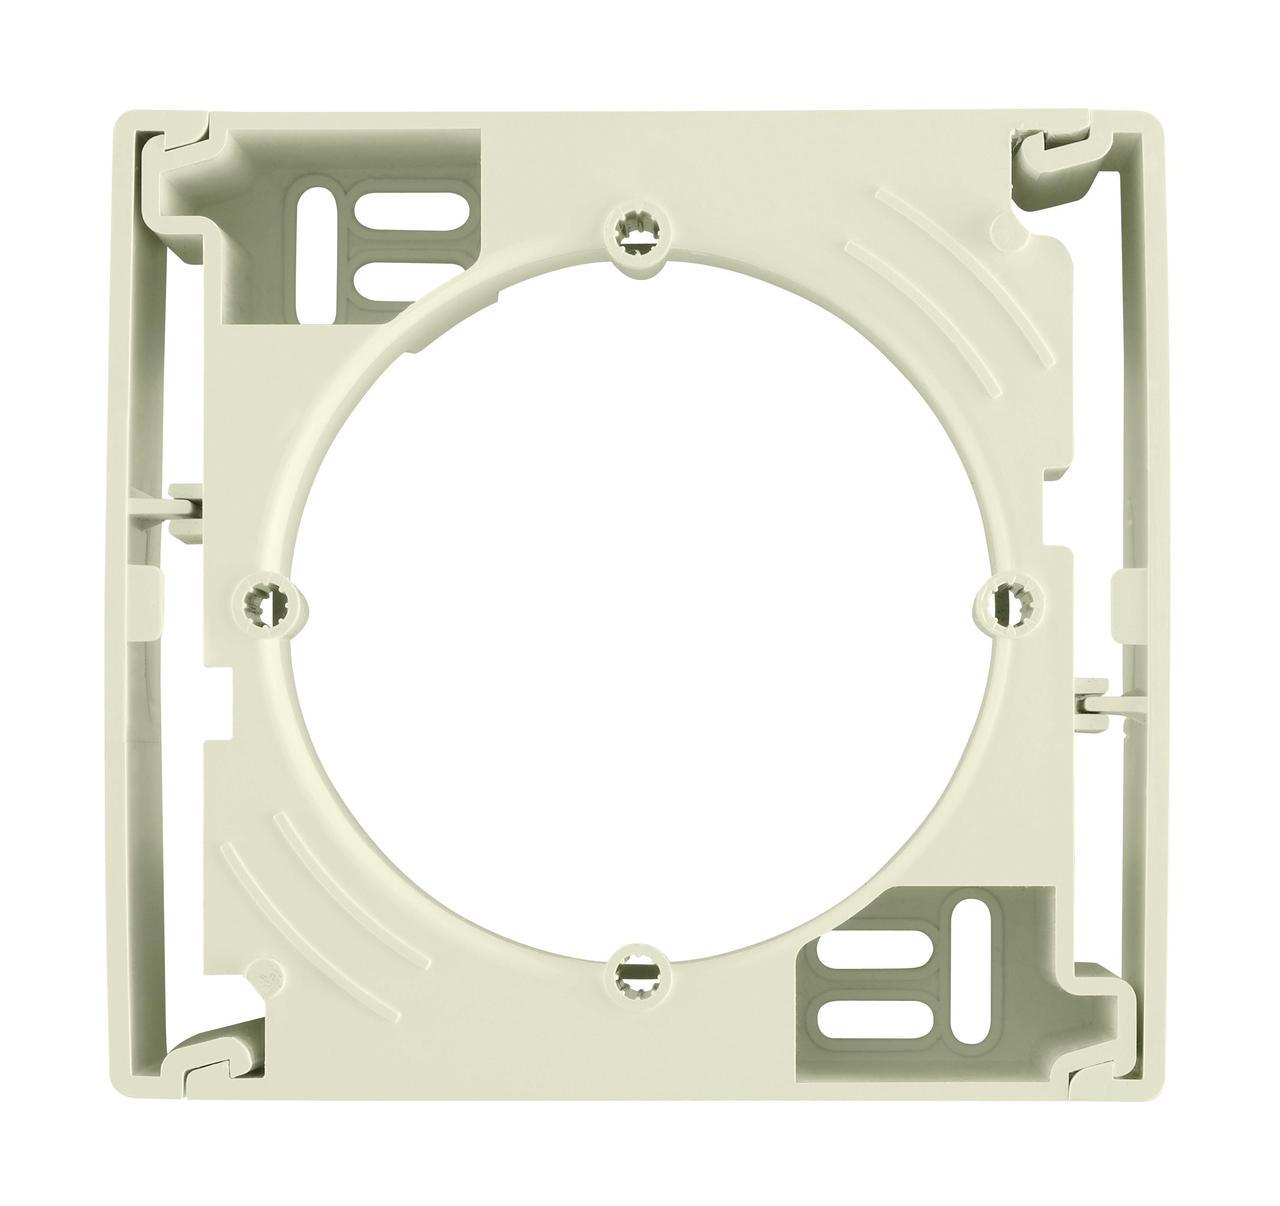 Рамка подъемная для накладного монтажа с 1-ой рамкой, Бежевый, серия Sedna, Schneider Electric